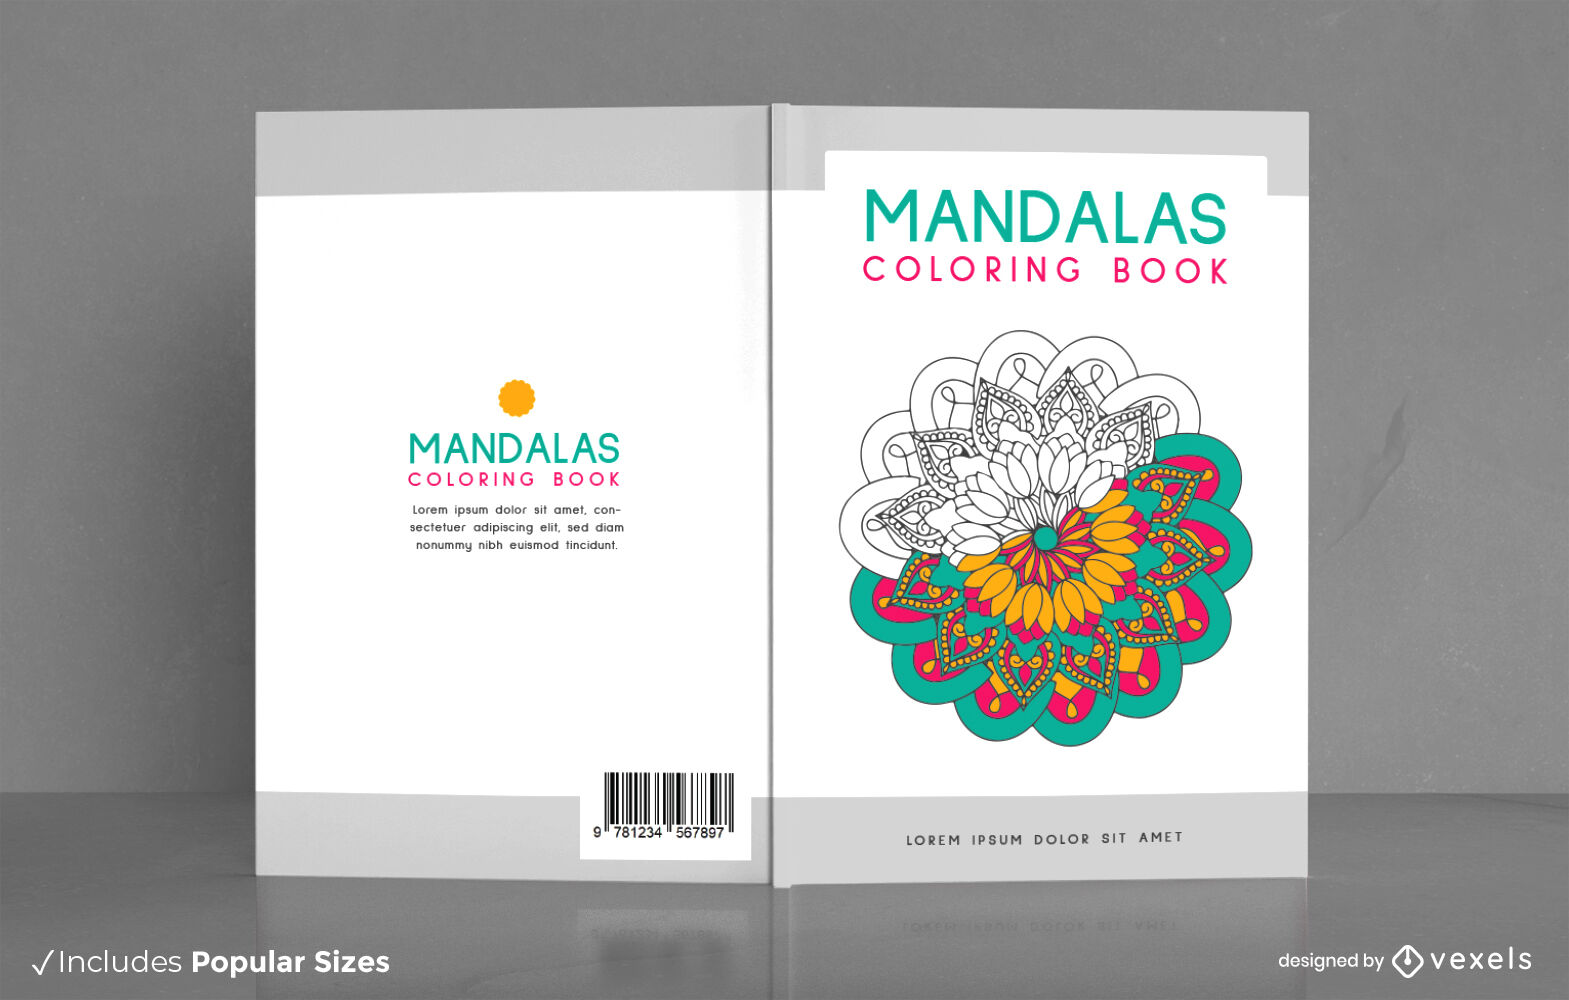 Floral mandalas coloring book cover design